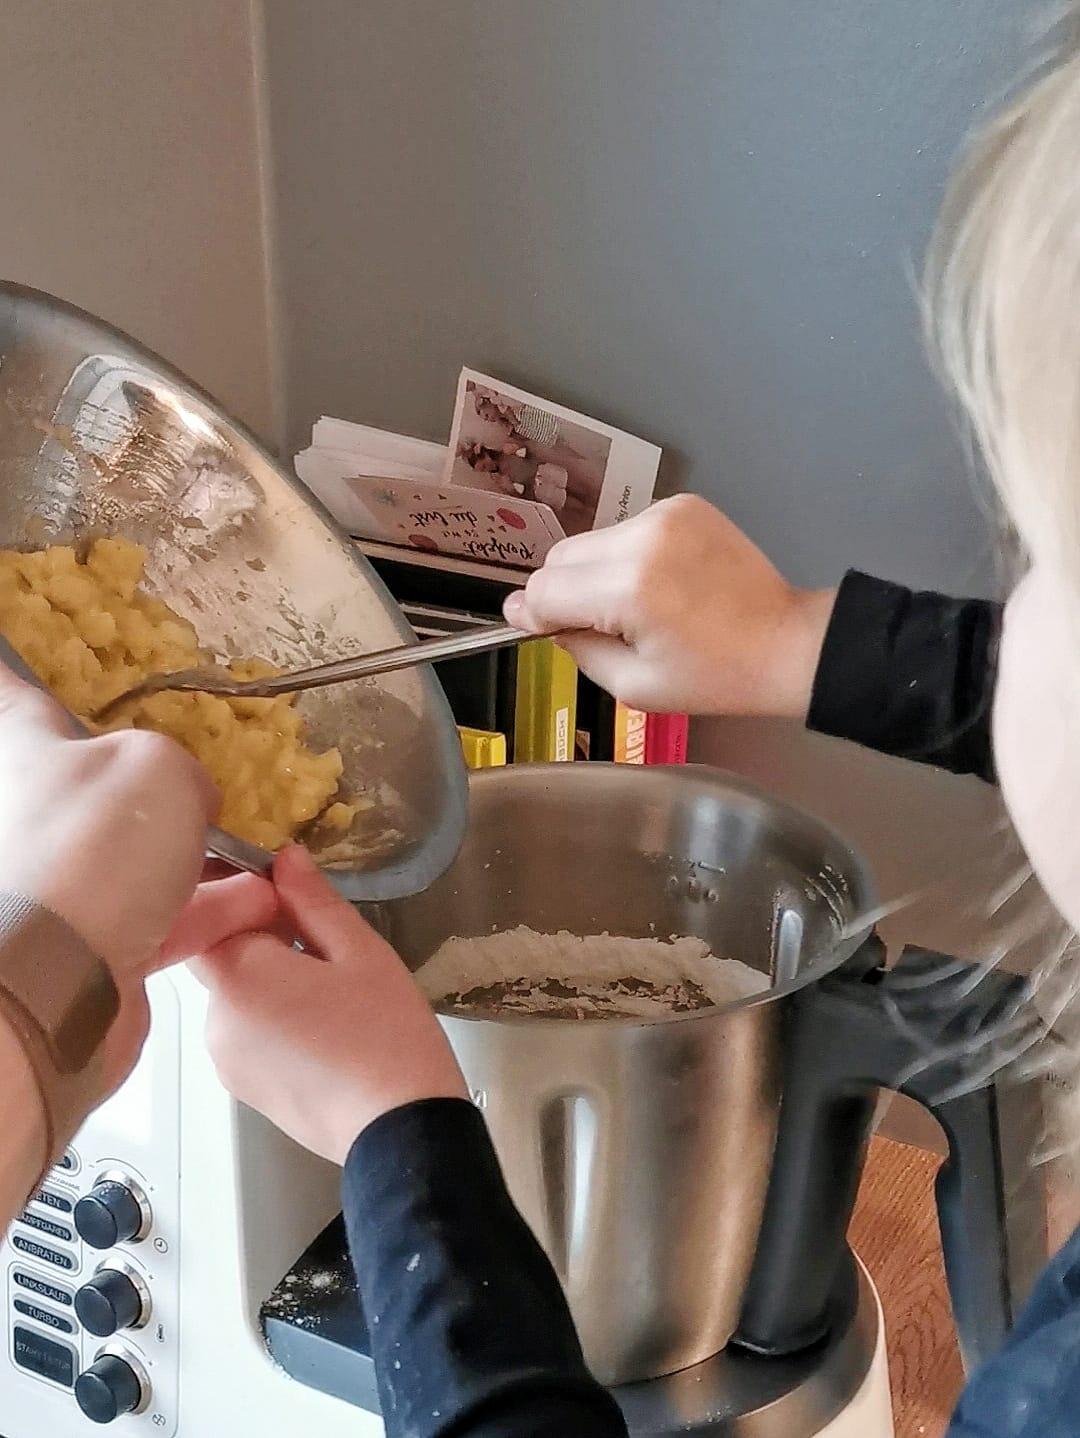 Schnell, einfach und unglaublich lecker: Unser ratzfatz Bananenbrot mit Rosinen, Nüssen oder Schokolade / Überreife Bananen aufbrauchen / Lebensmittel verwerten / no waste food / judetta.de